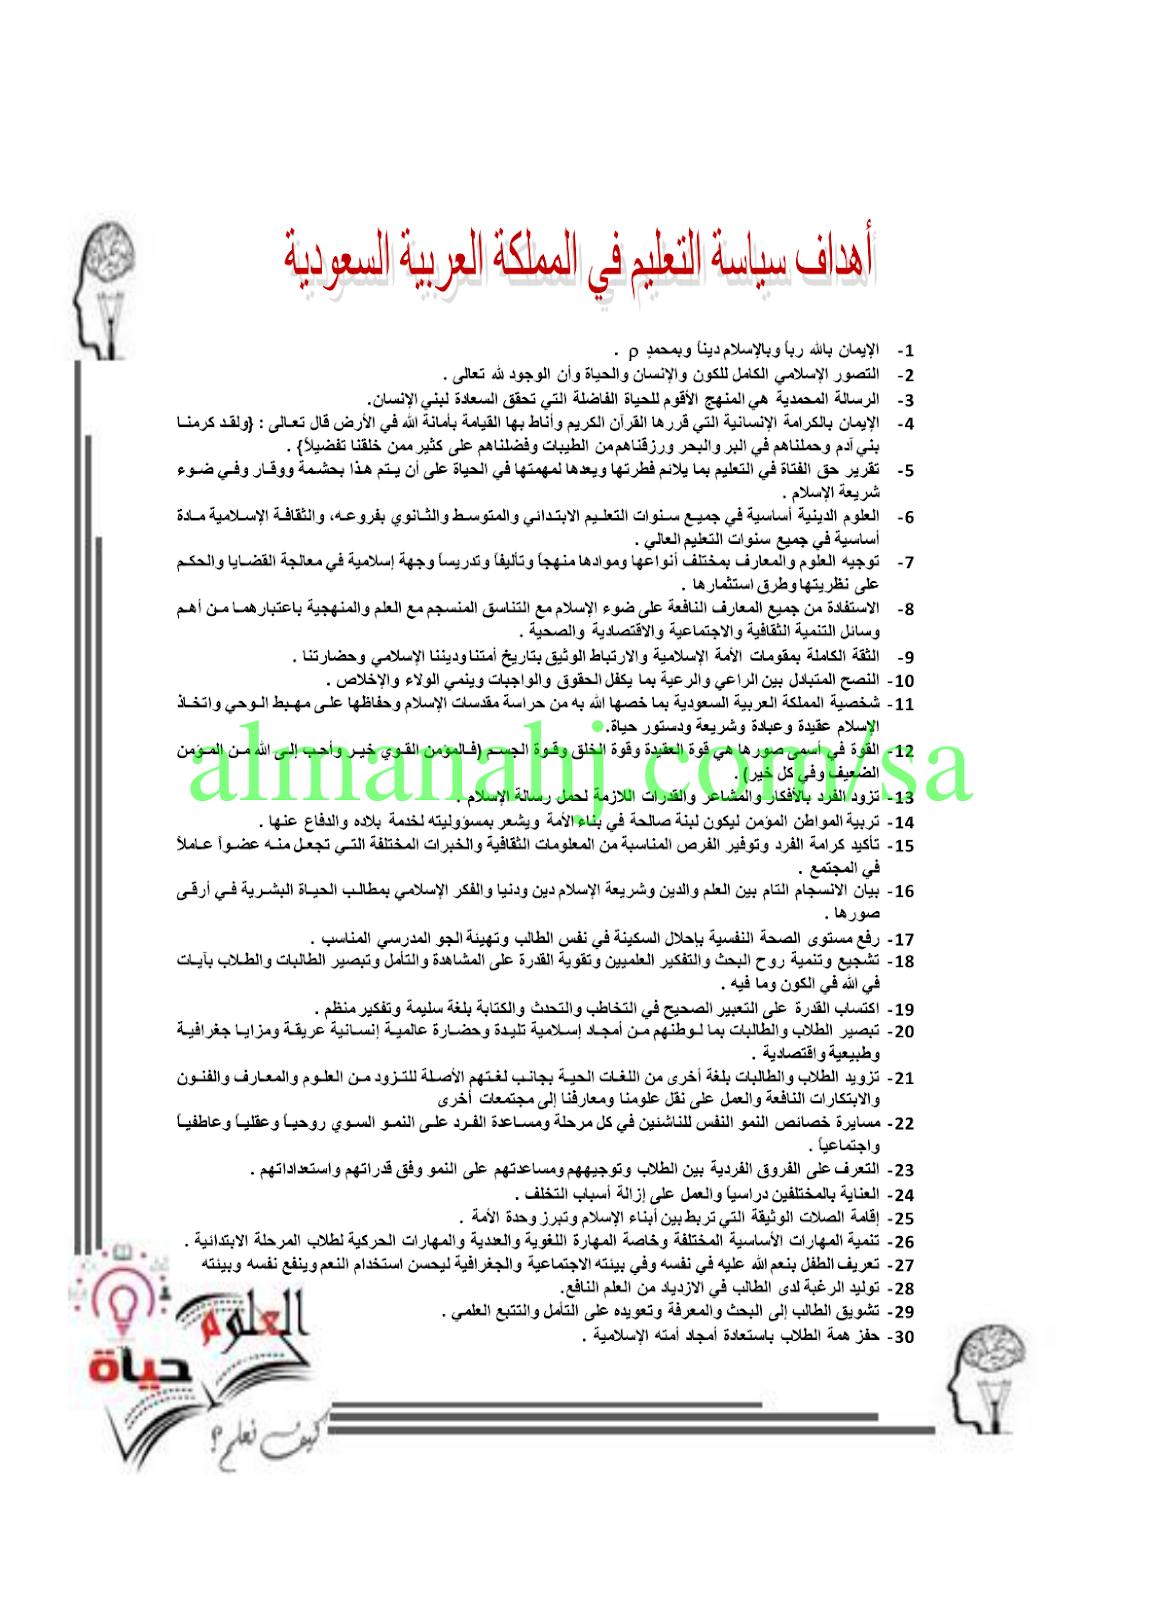 أهداف سياسة التعليم ملفات الإدارة المدرسية الفصل الأول المناهج السعودية